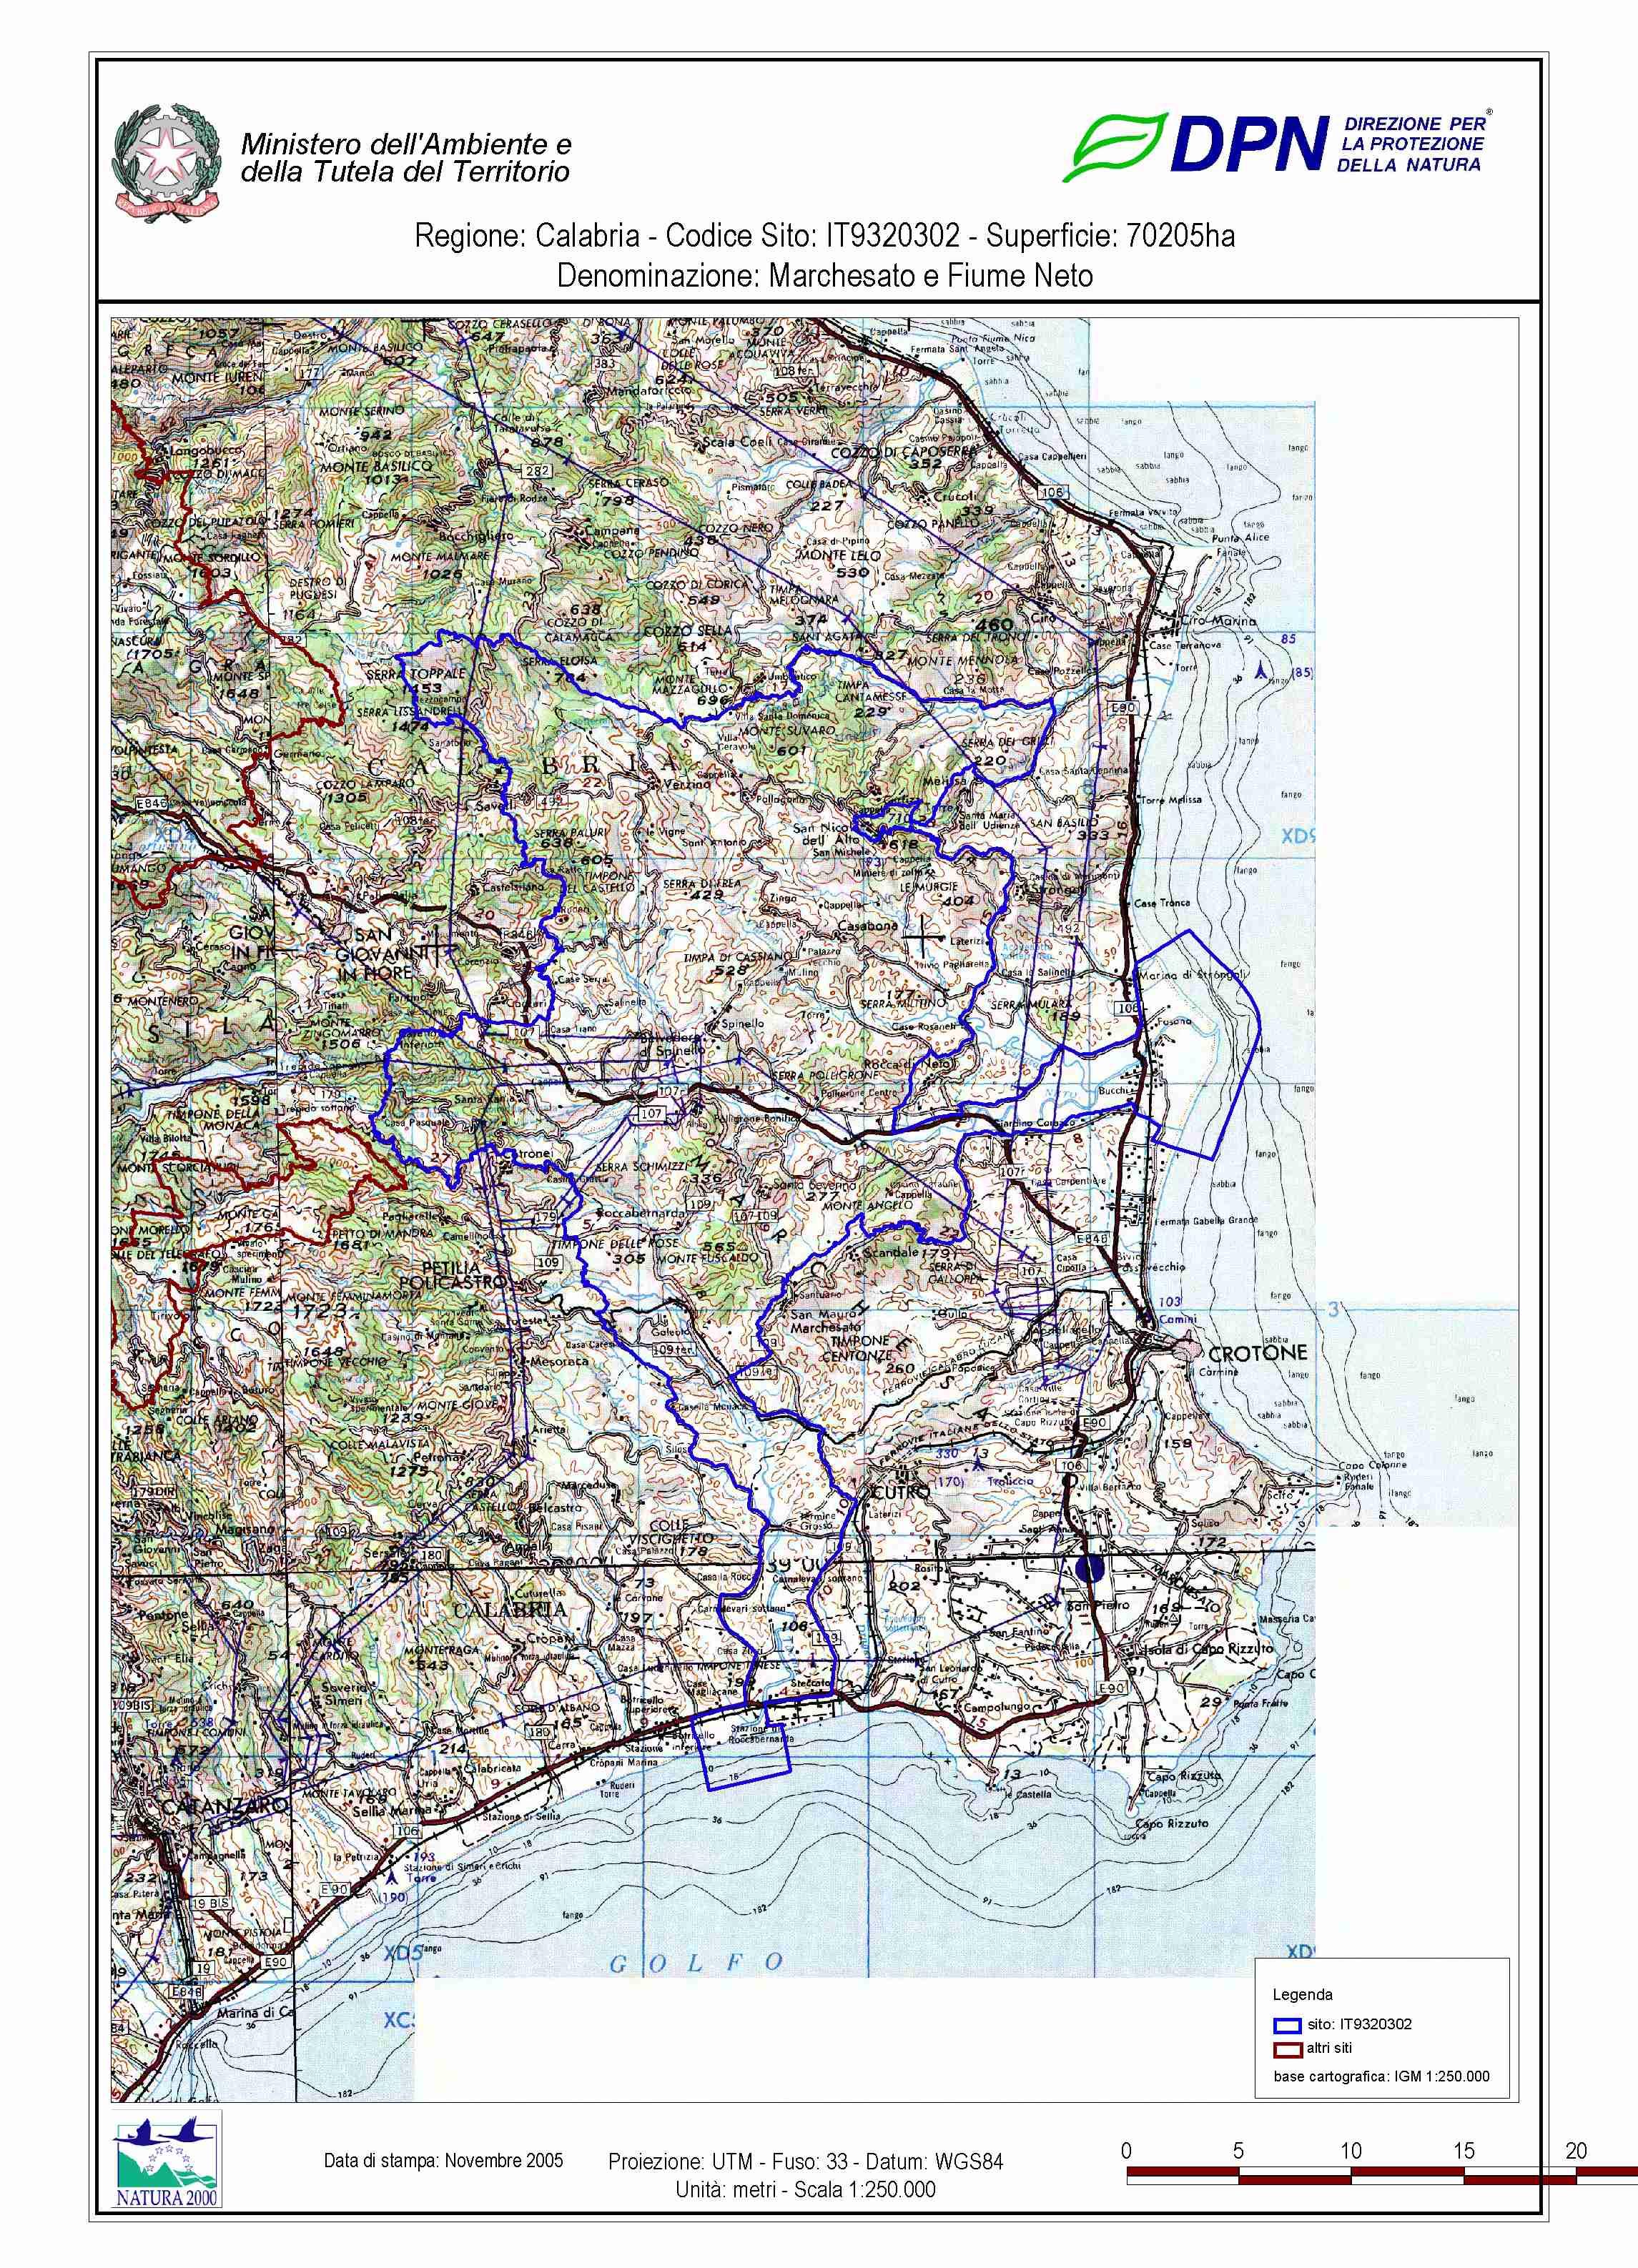 Cartina Atc Sicilia.Mappe Zps Calabria Community Caccia Modo Mirino